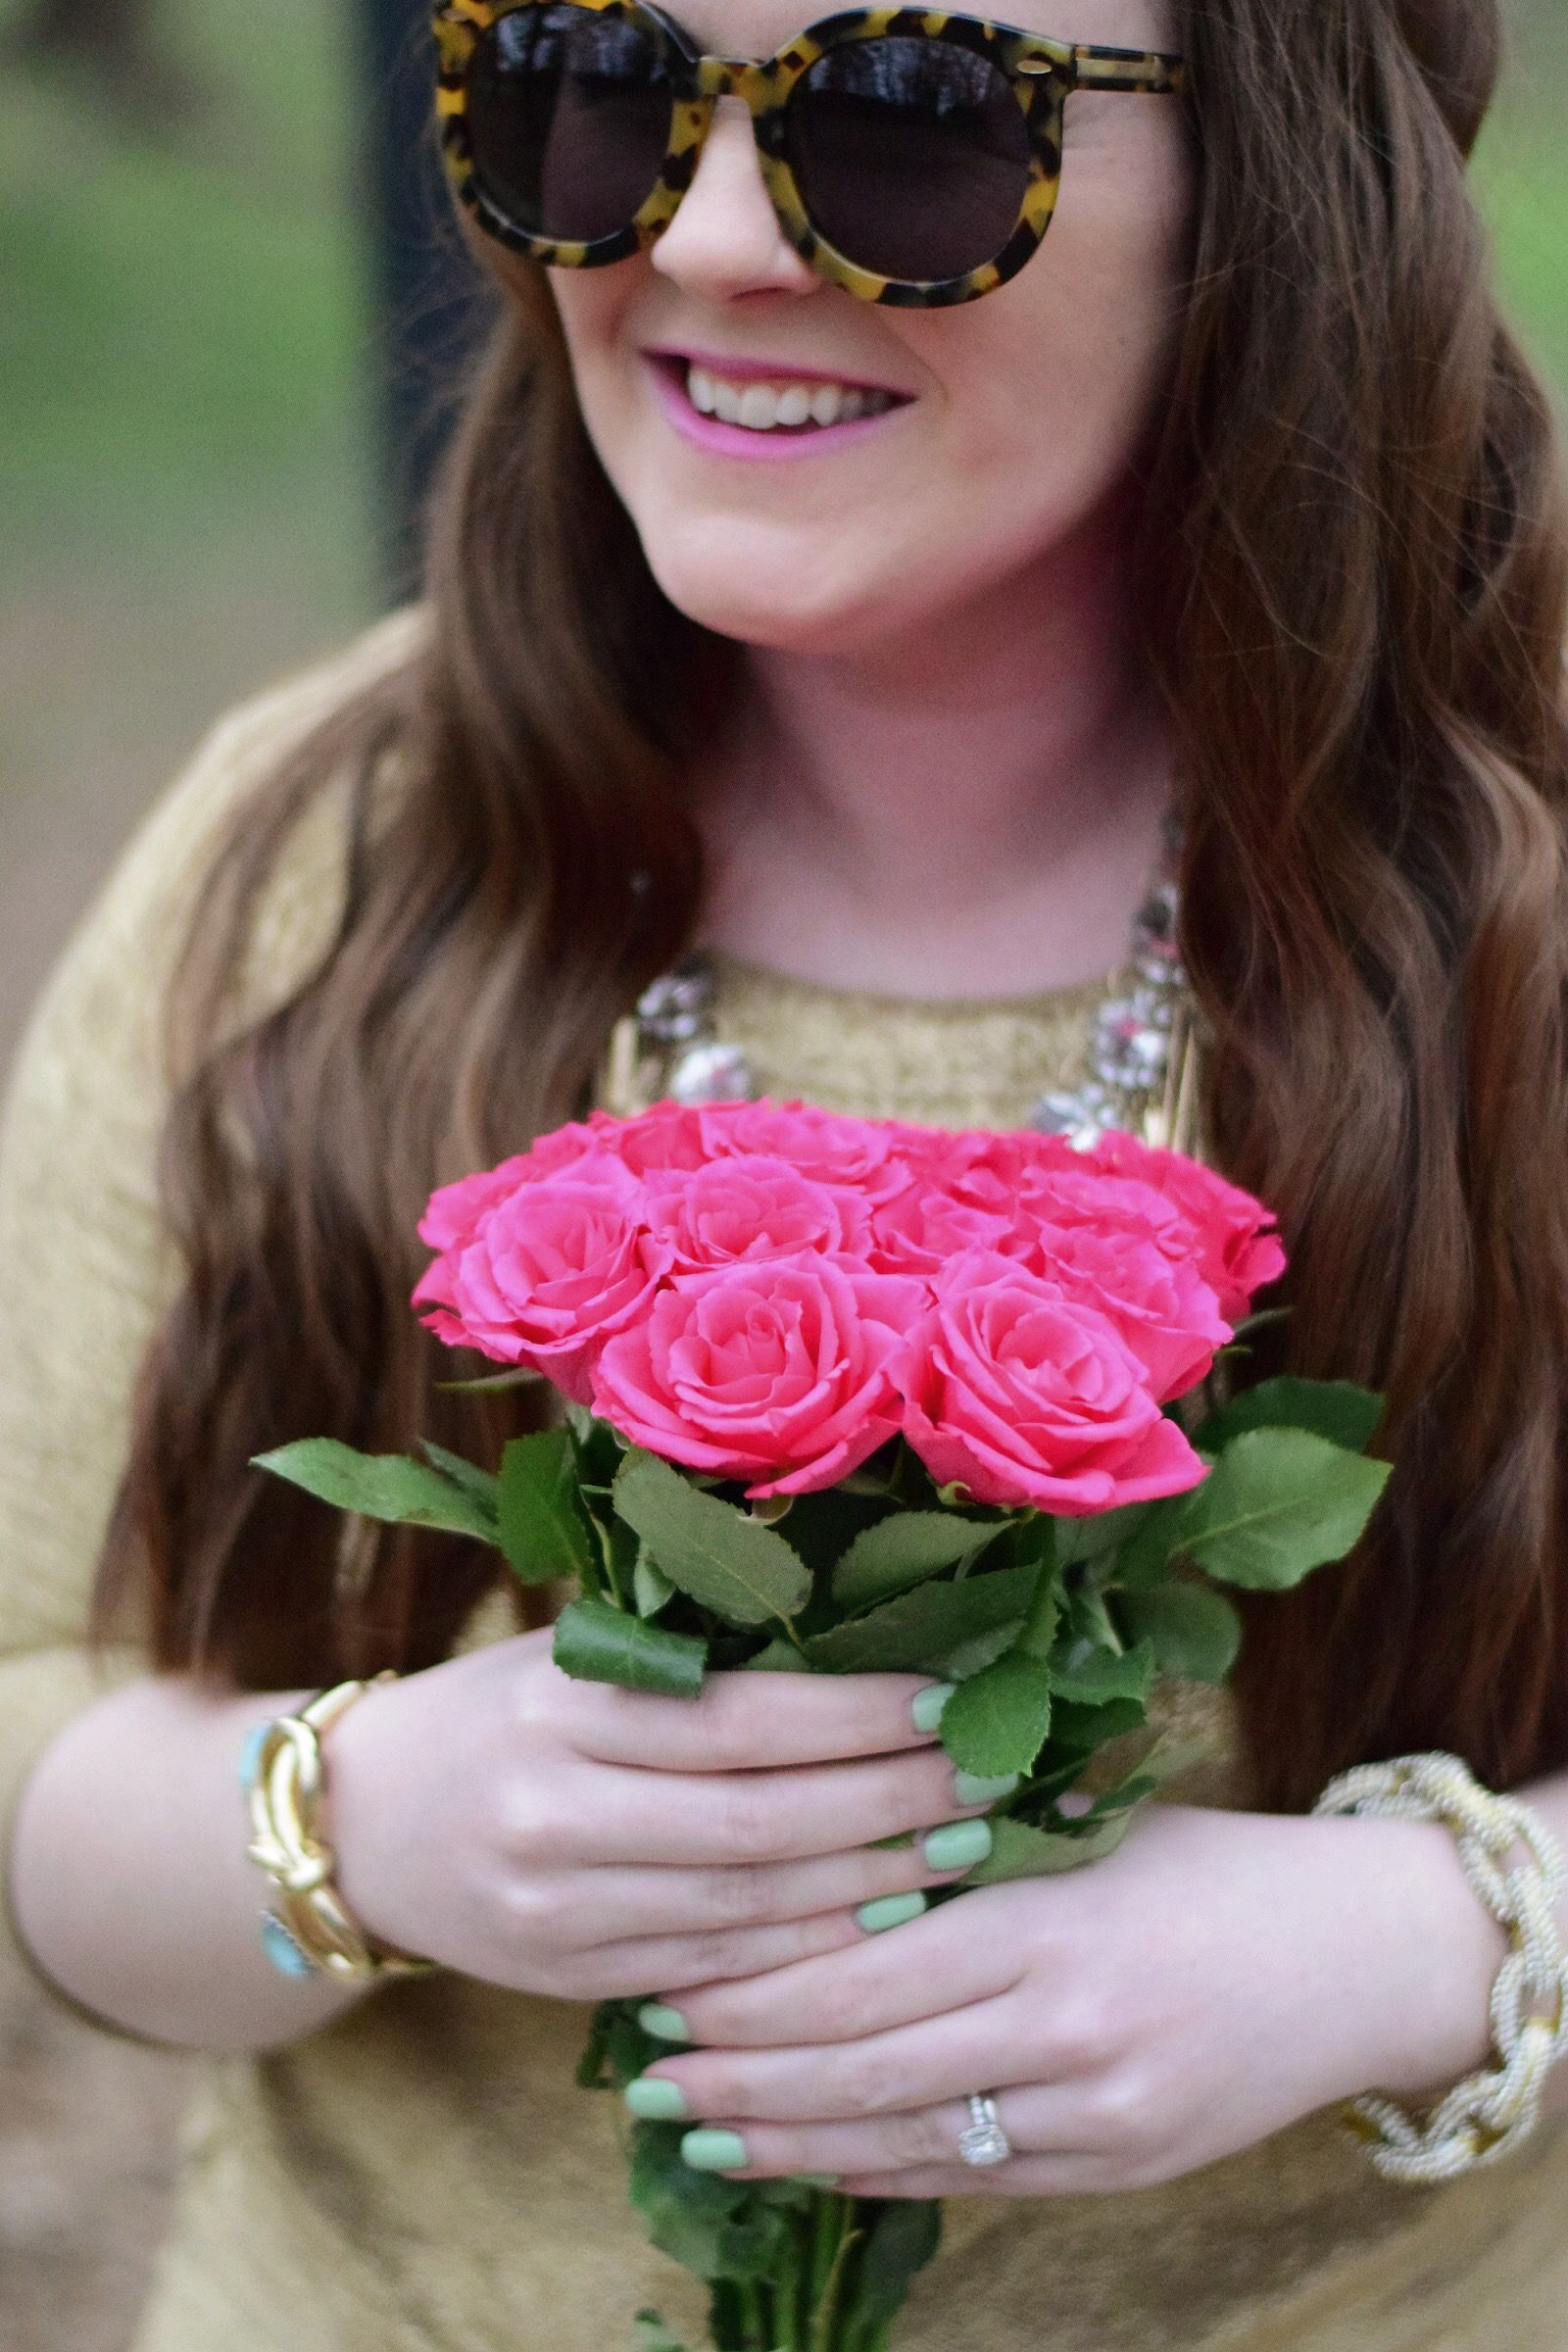 Rocksbox + Karen Walker + Roses